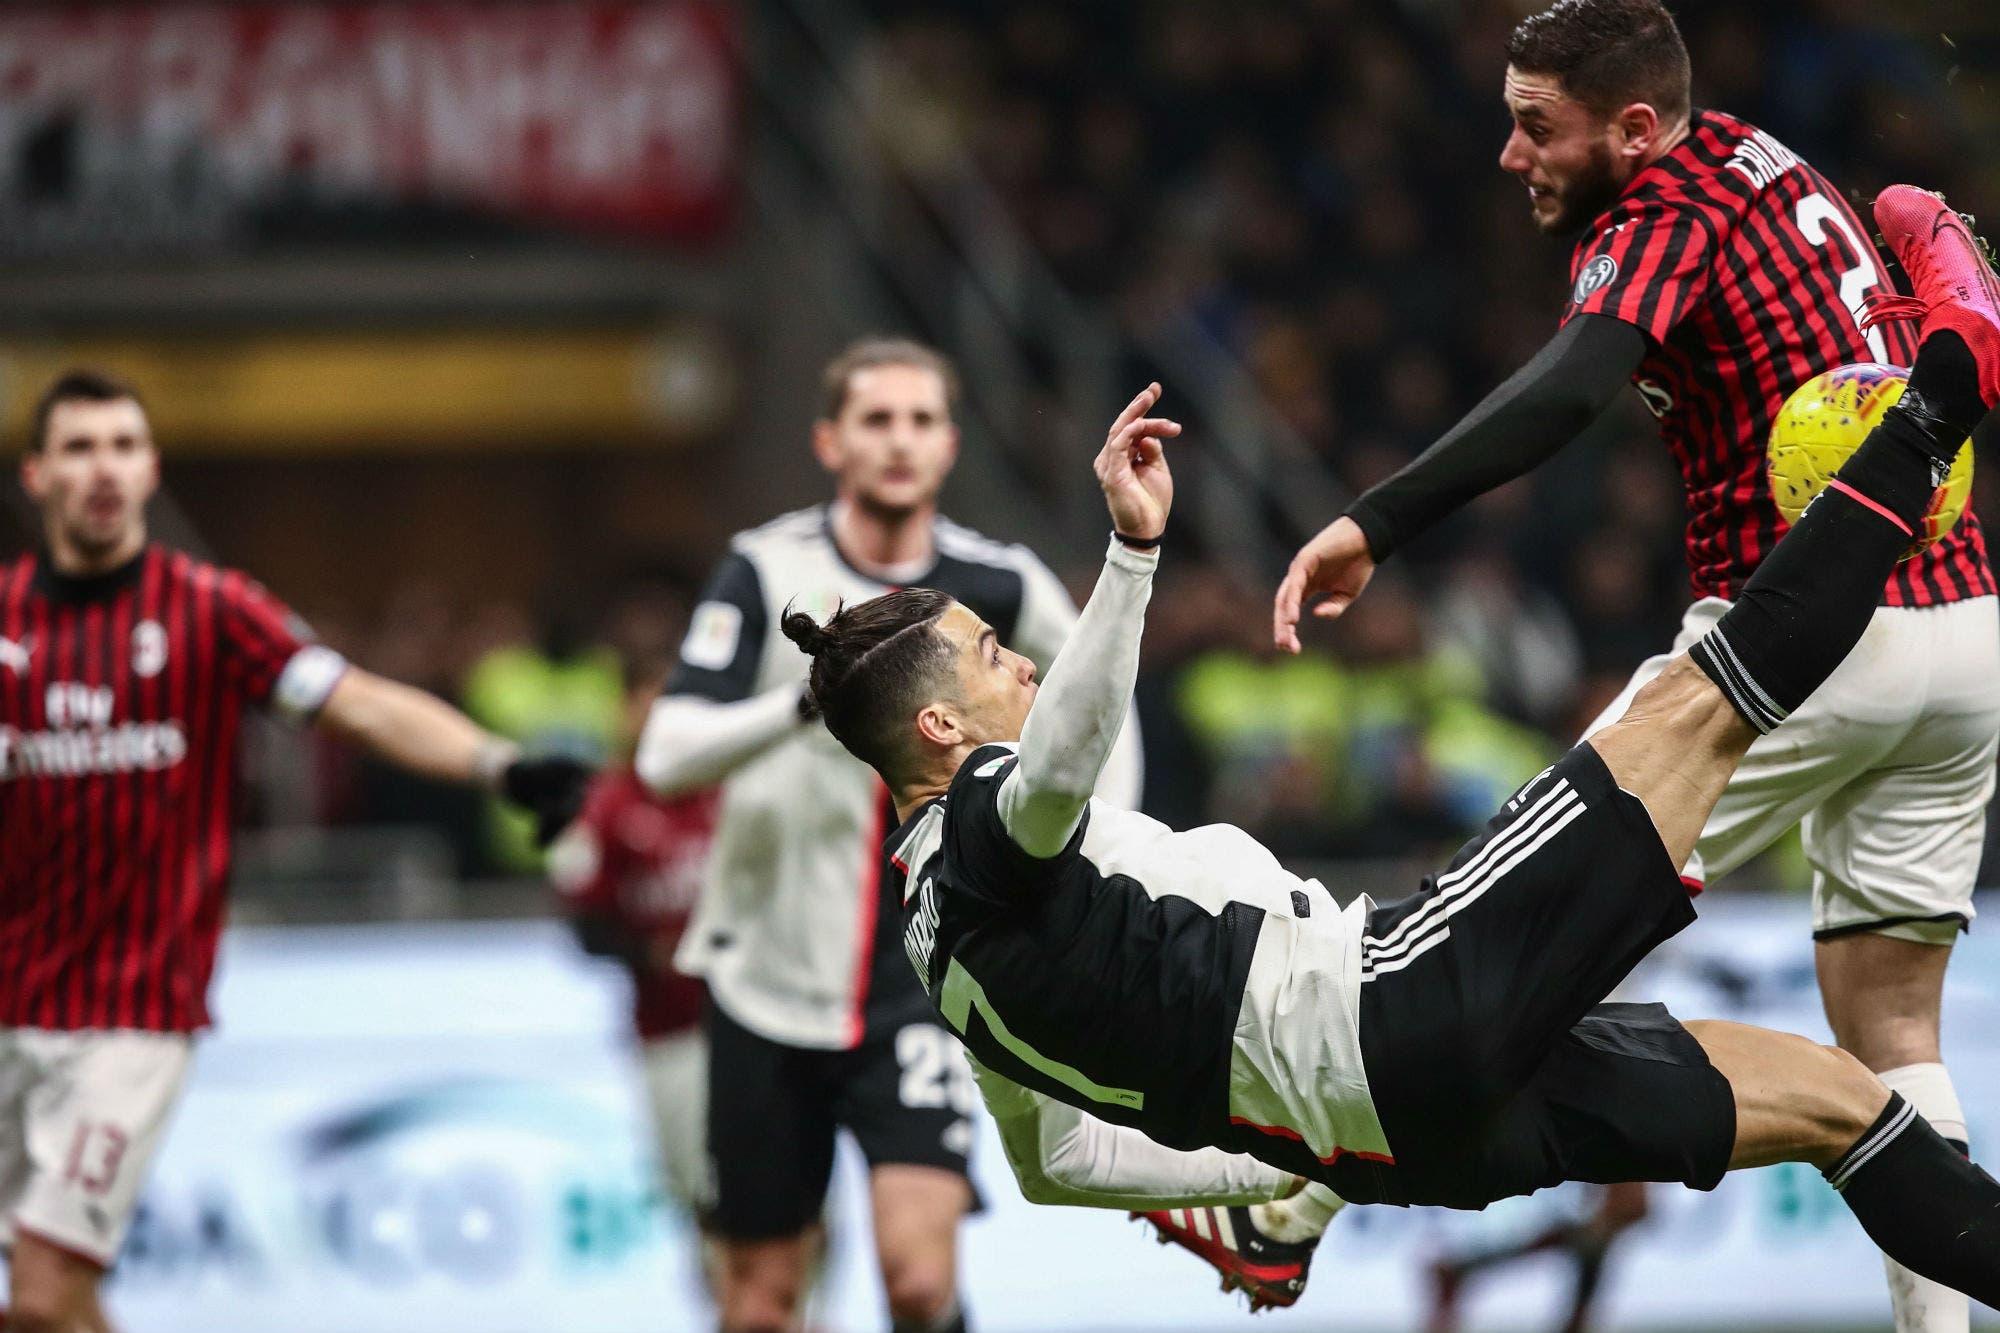 Milan-Juventus: en el gran duelo entre Cristiano Ronaldo y Zlatan Ibrahimovic, el portugués marcó el empate sobre el final